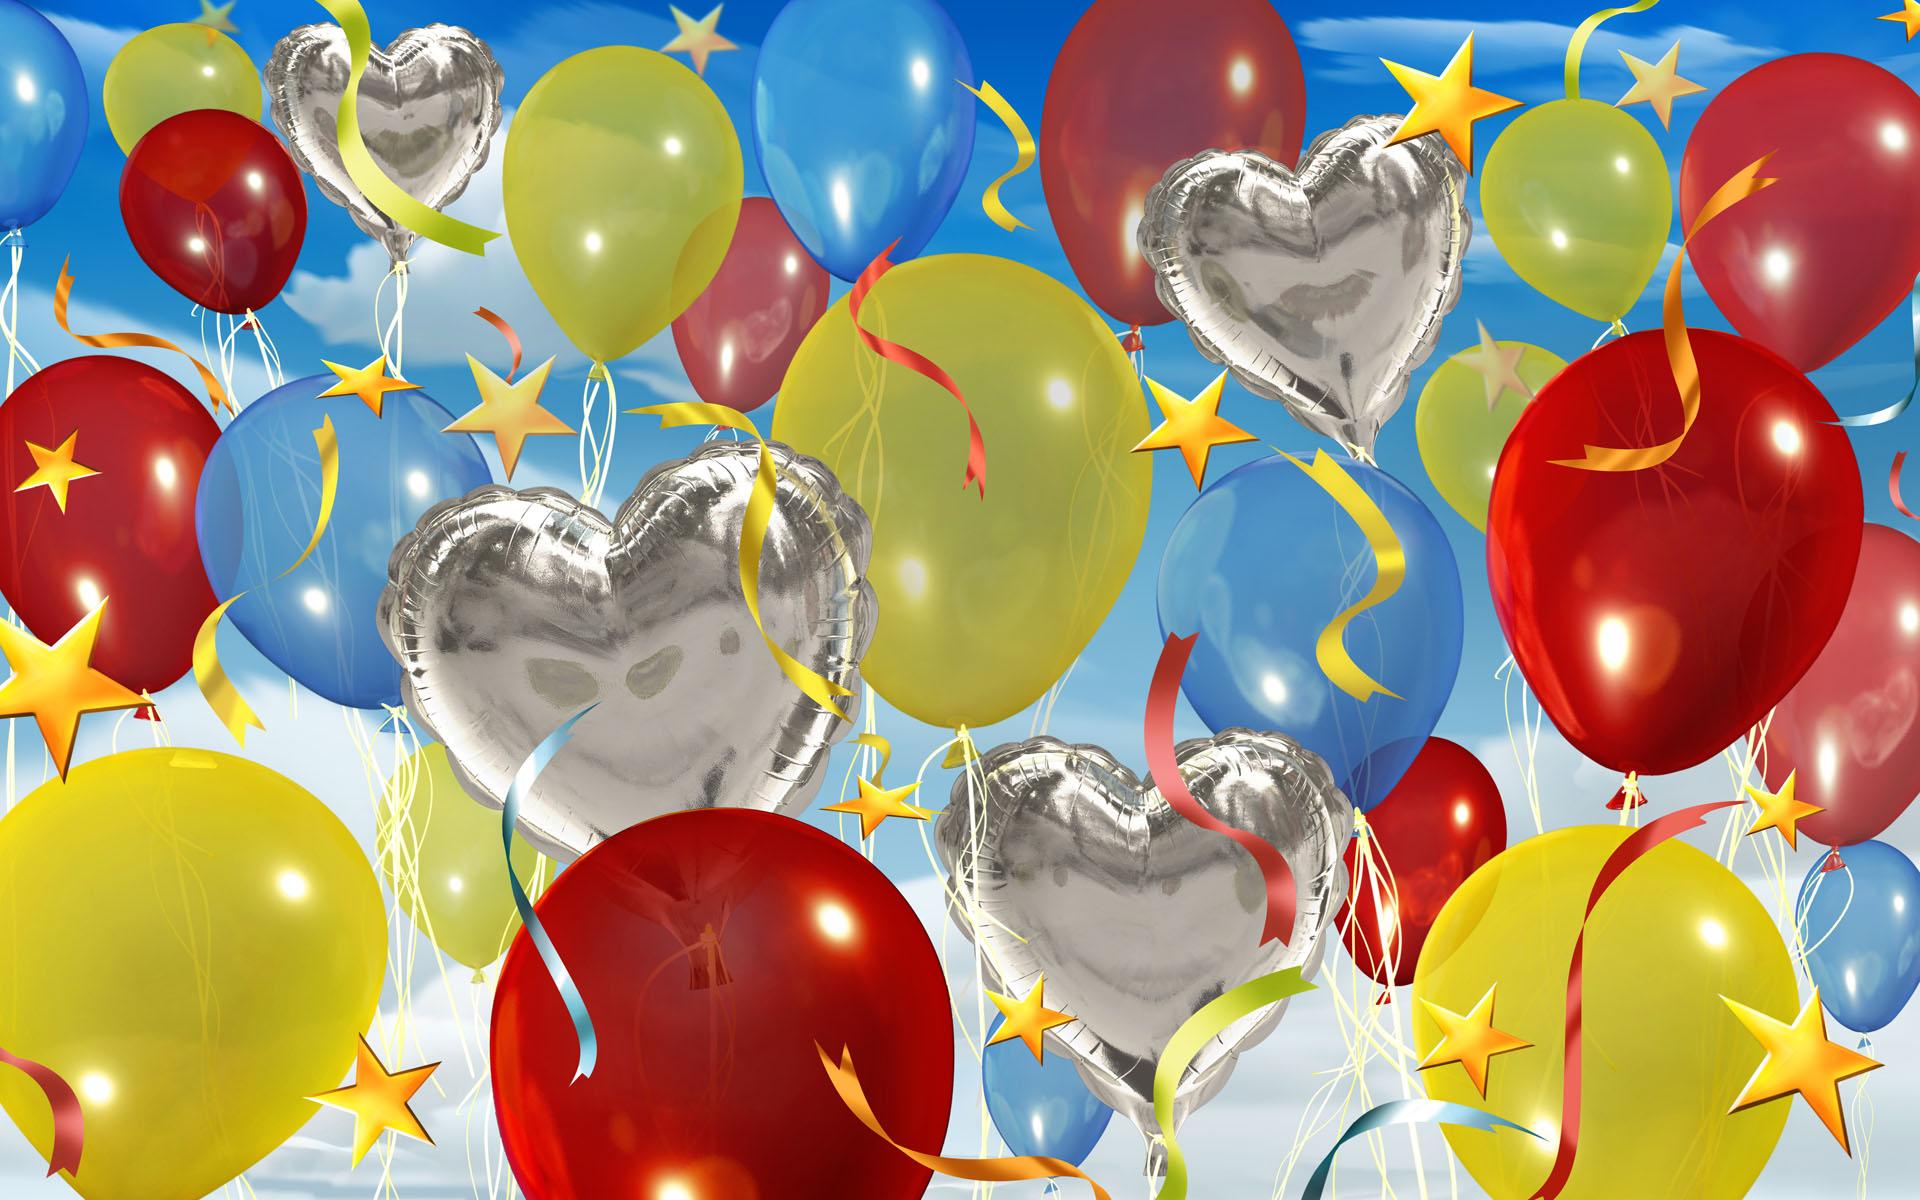 Воздушные шары на свадьбу и детский праздник